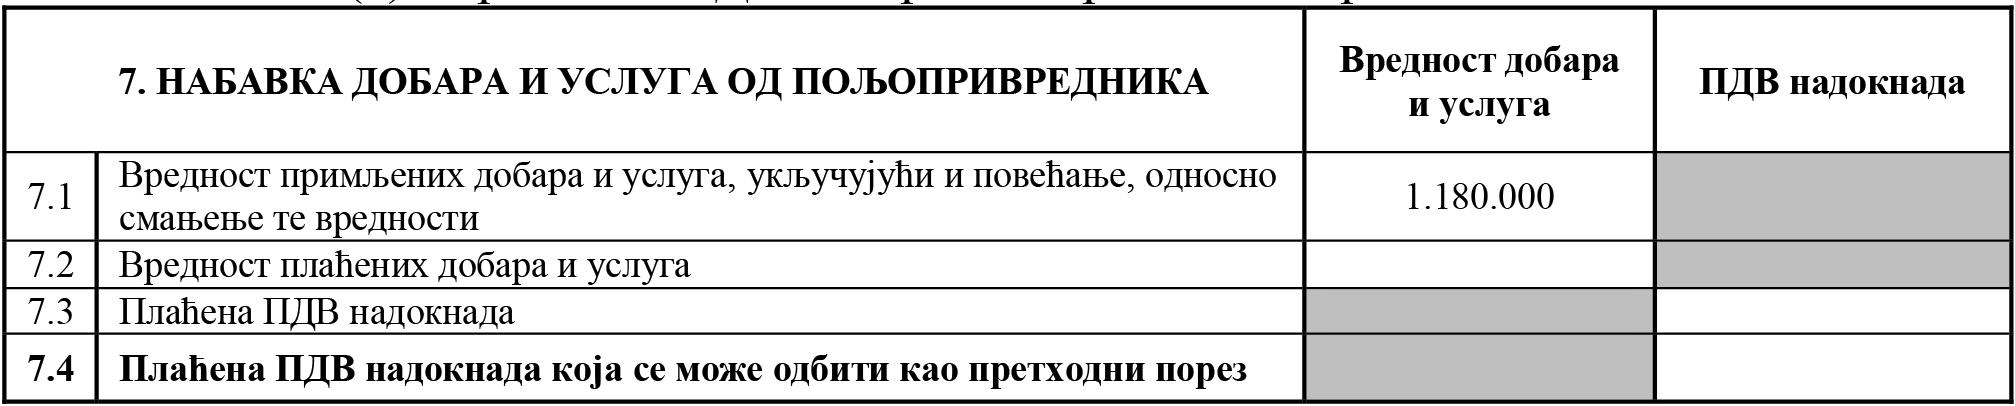 uputstvo PU obrazac POPDV primer 85 - 1